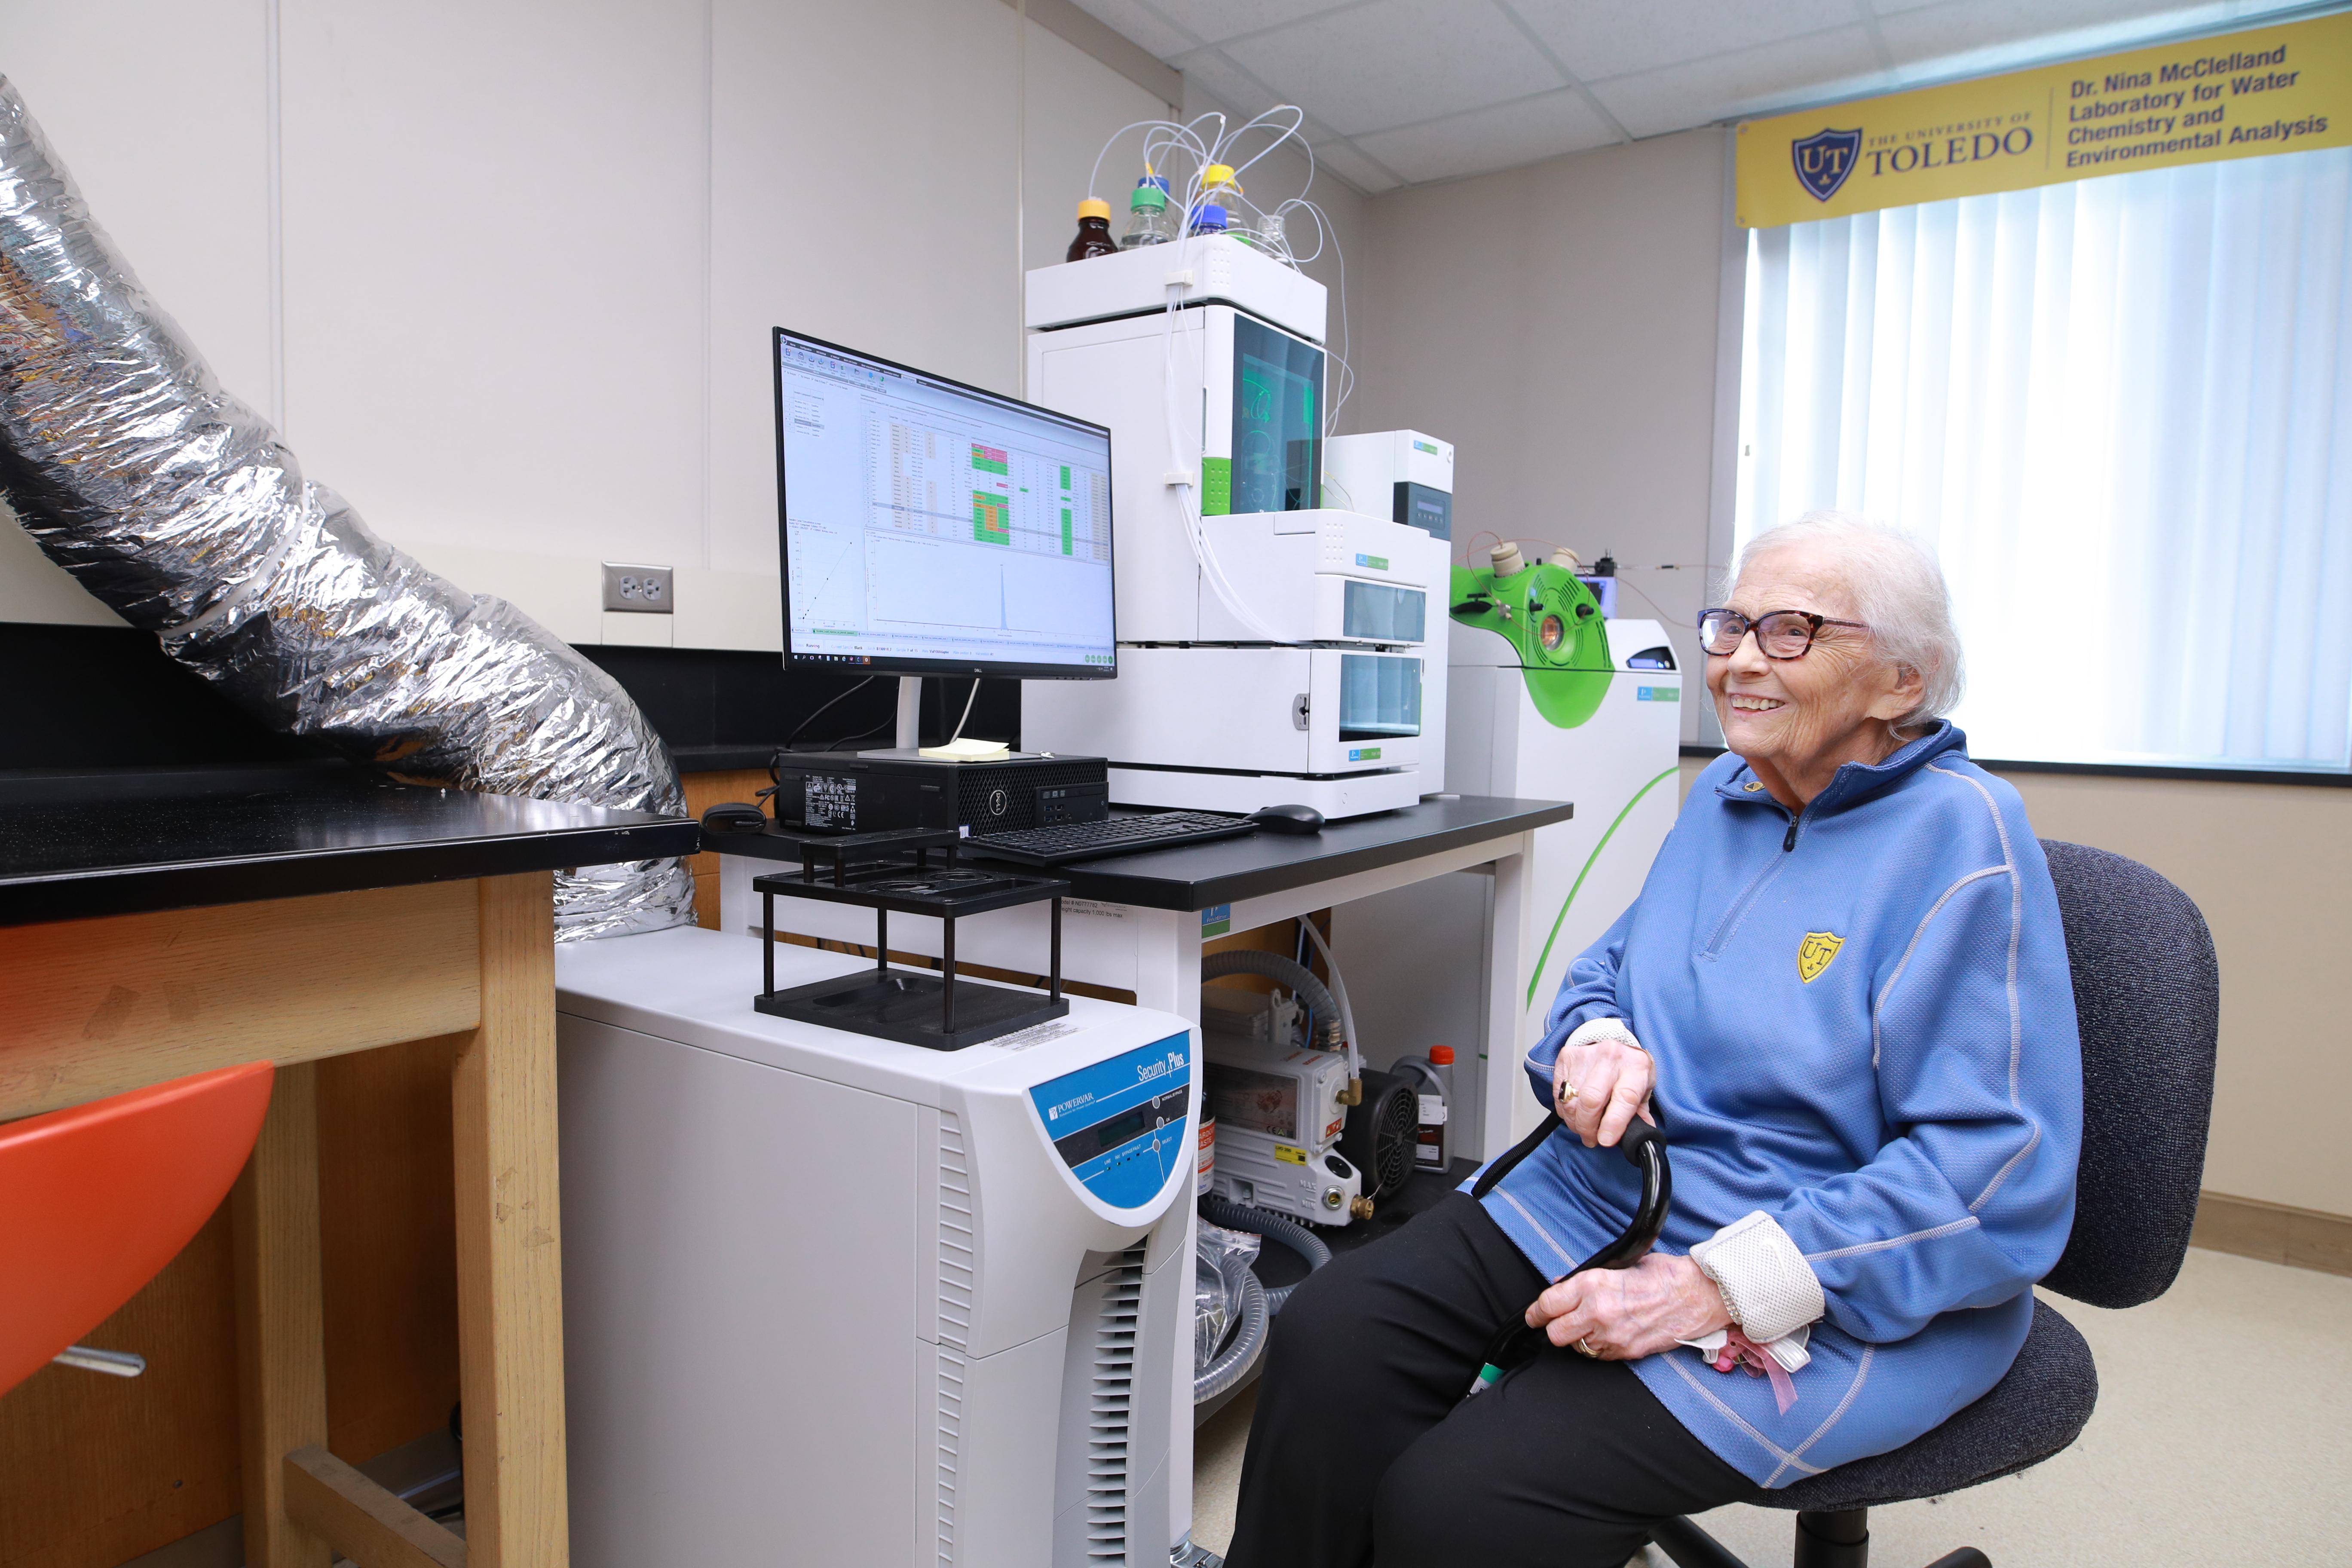 Dr. Nina McClelland in her namesake laboratory.